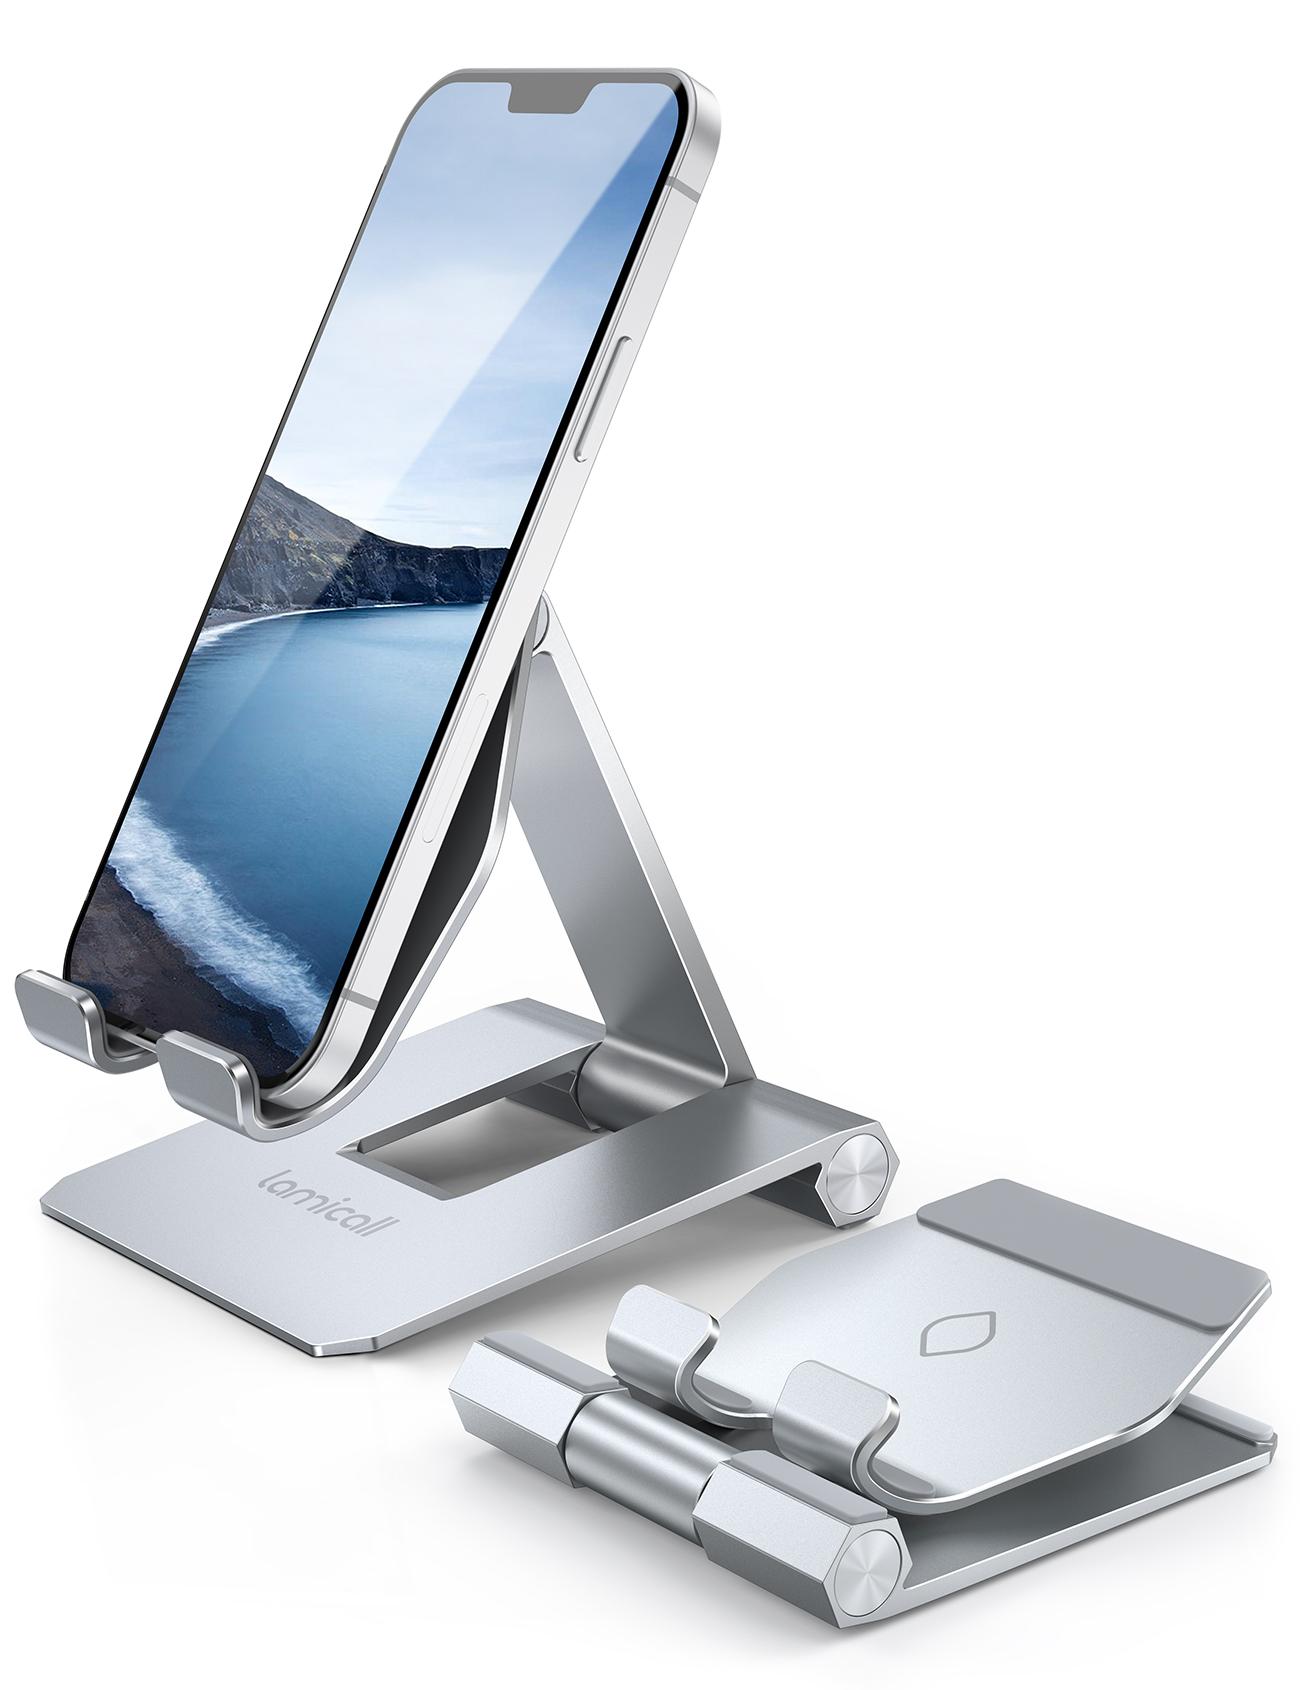 送料無料 持ち運び便利 スタンド 小型 軽量 iPhone Android iPad スマートフォン アイフォン 滑り止め防止 折り畳み式 スマホスタンド 無料サンプルOK 角度調整 可能 携帯 置き台 卓上 すたんど 机 foldable phone stand holder 10 Max アルミ mini 期間限定送料無料 持ち運びやすい max デスク コンパクト 新 6 立て 8 5 旅行用 pro X 7 Pro Switch 12 11 XS に対応 XR